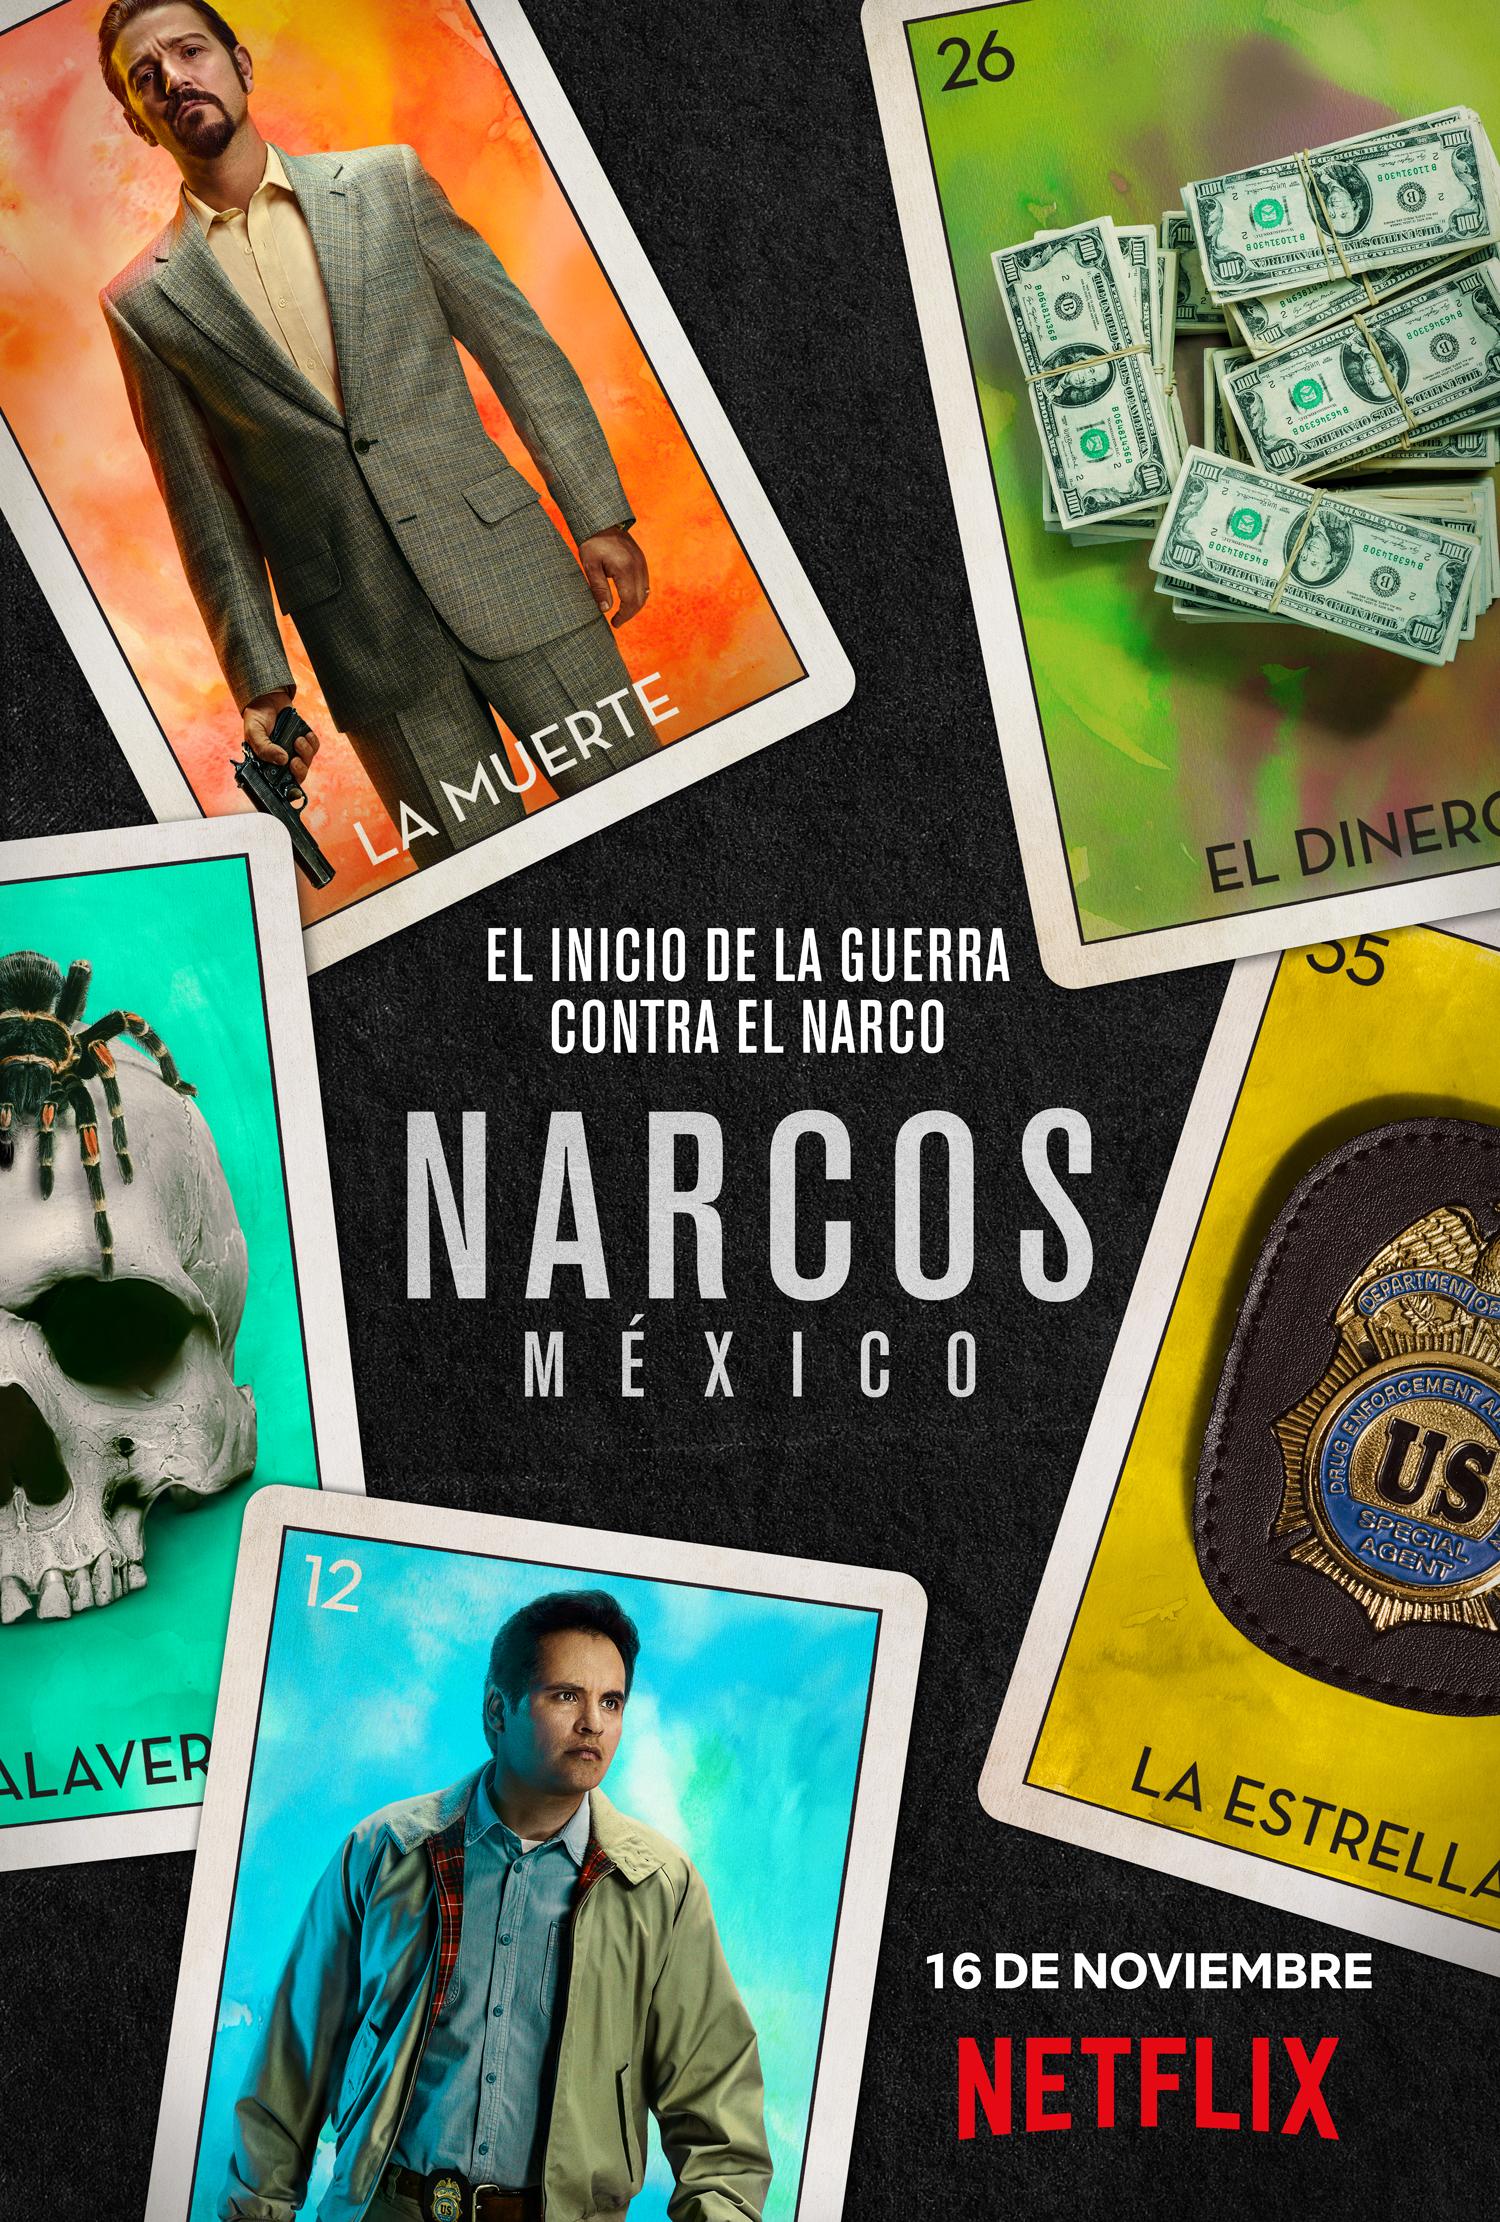 Diego Luna, Tessa IA, Chema Yazpik y el significado de Narcos: México